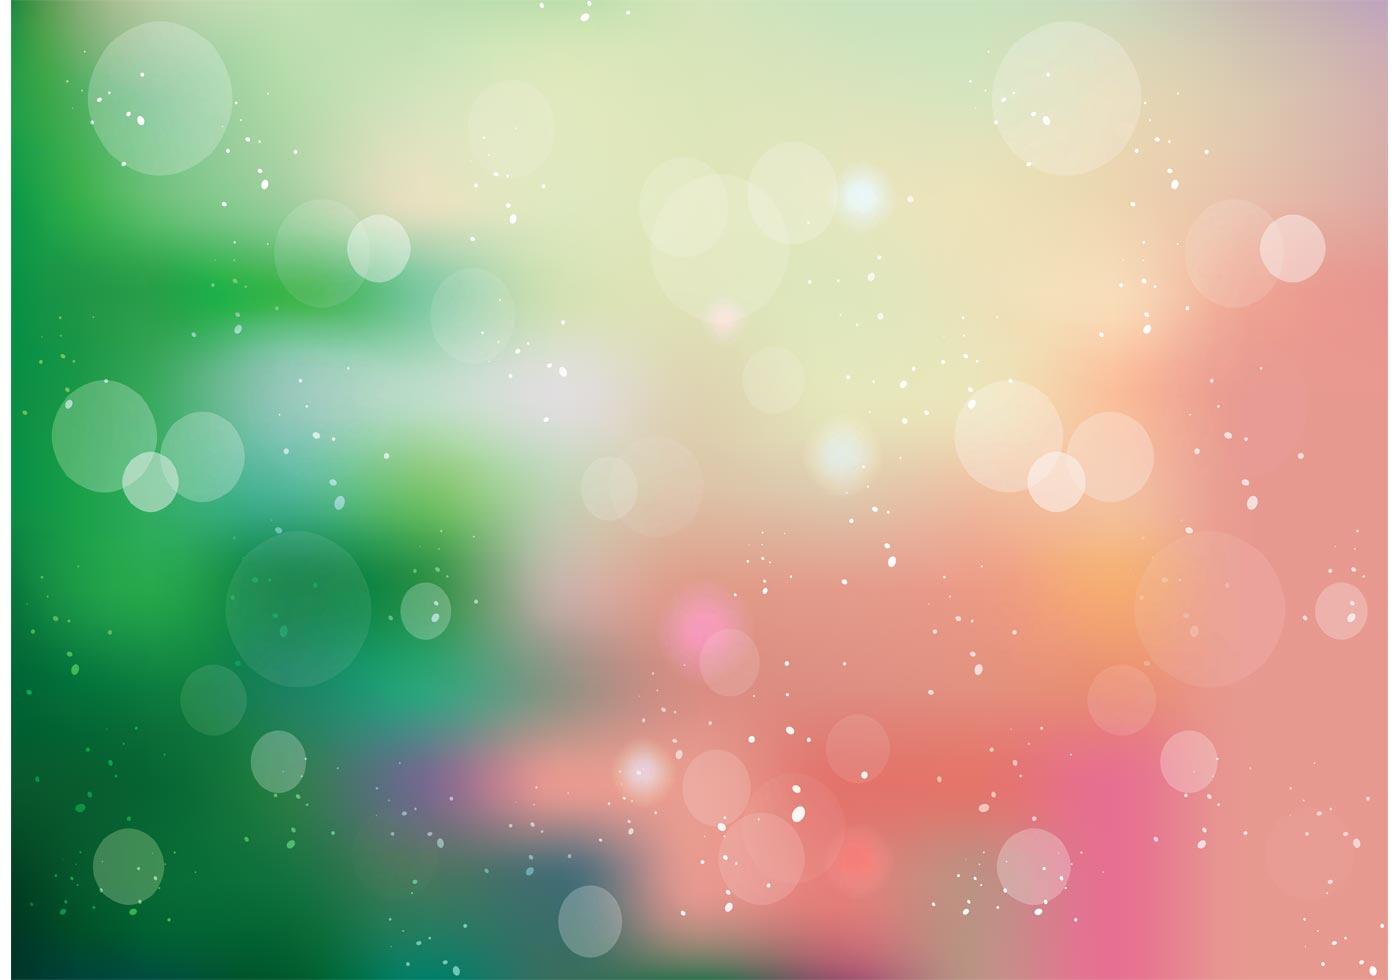 Hình ảnh background màu sắc xanh hồng cực đẹp